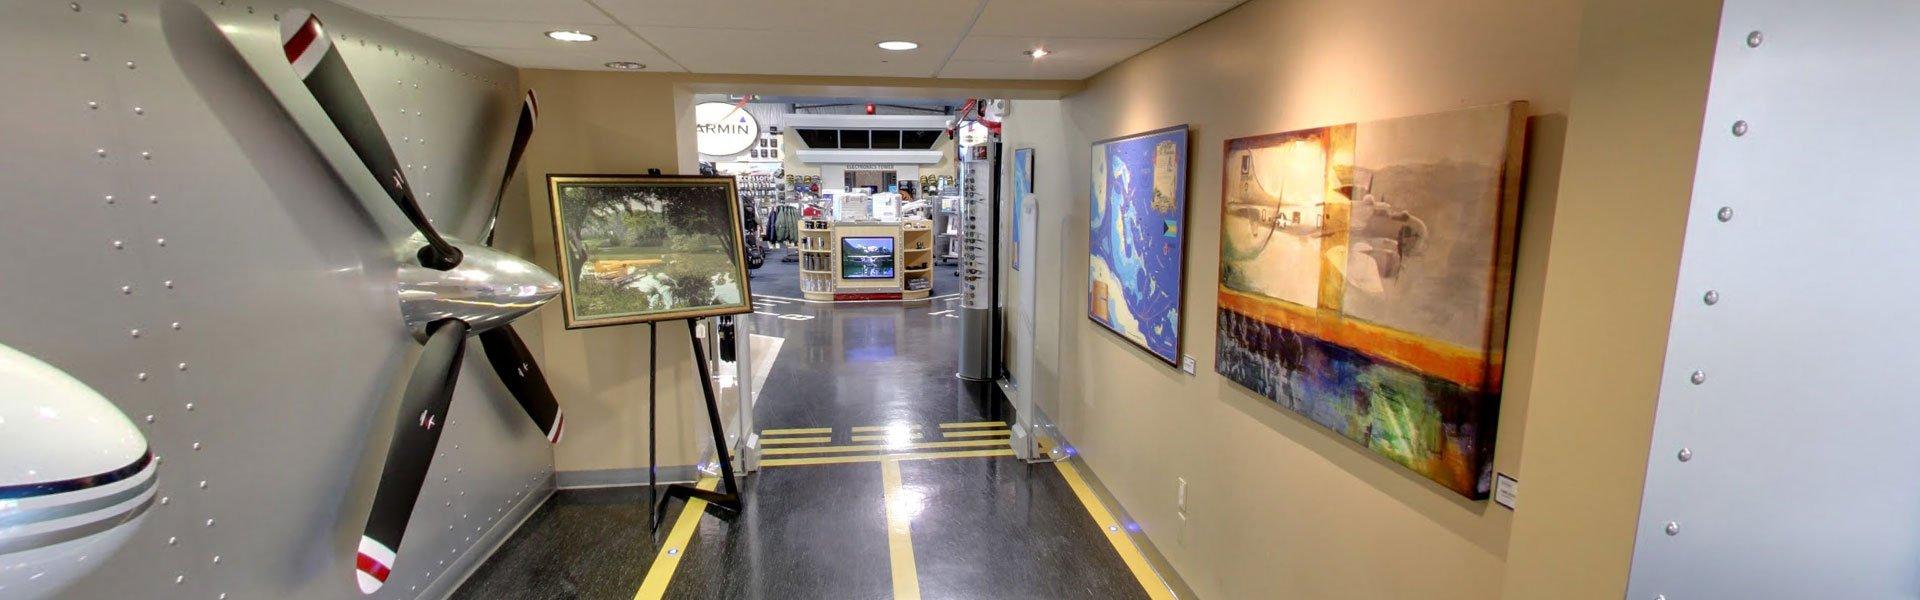 About Banyan Pilot Shop - Banyan Pilot Shop